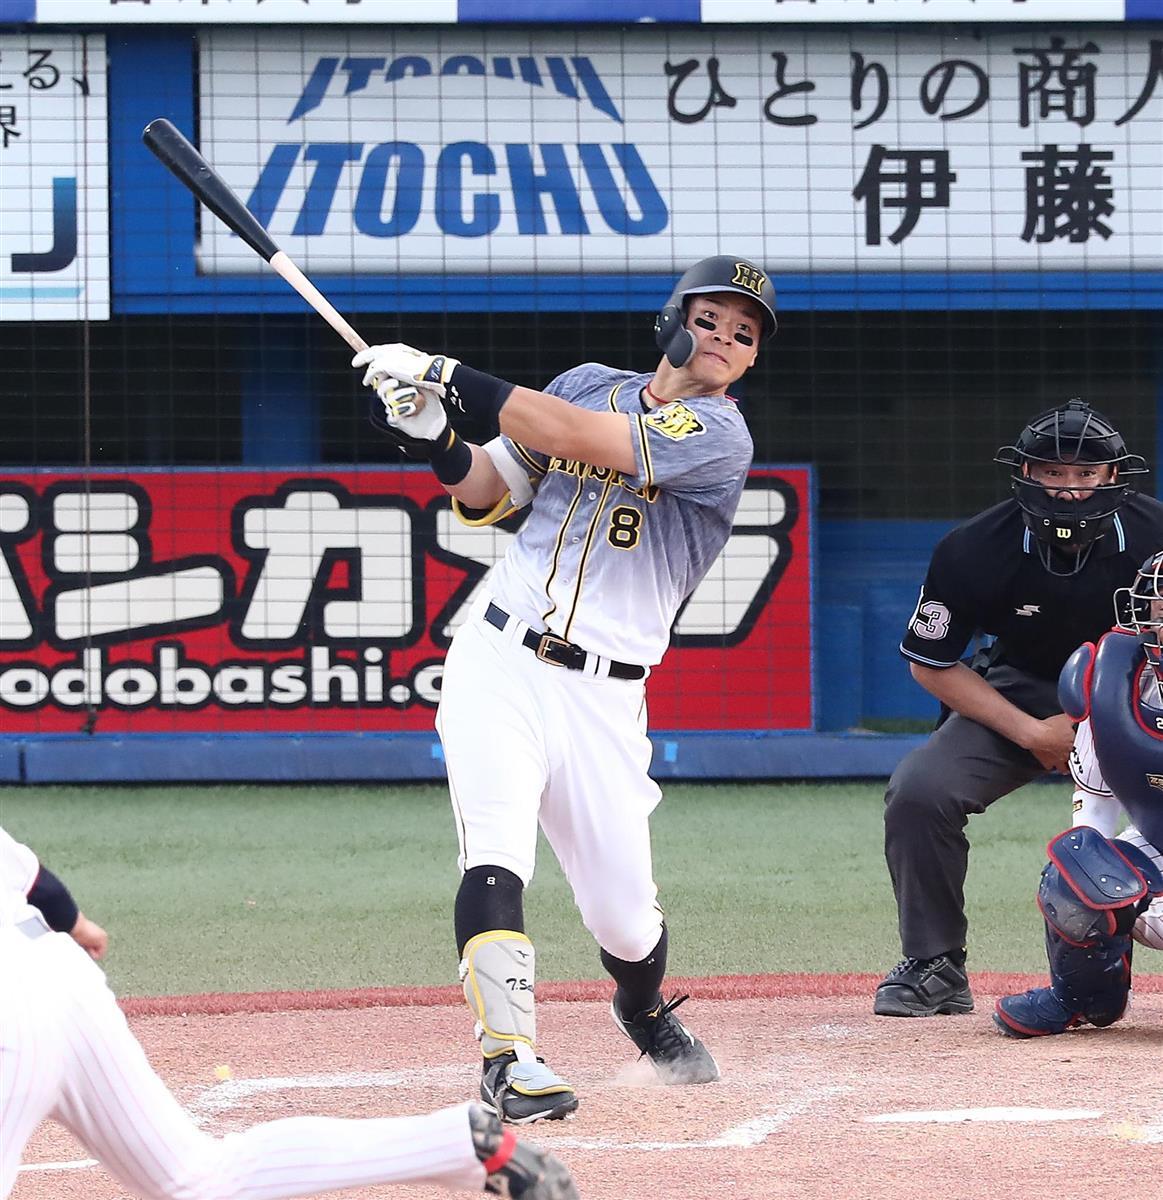 九回、佐藤輝が逆方向へドカン! 9号ソロで新人アベック弾を完成させた(撮影・宮沢宗士郎)